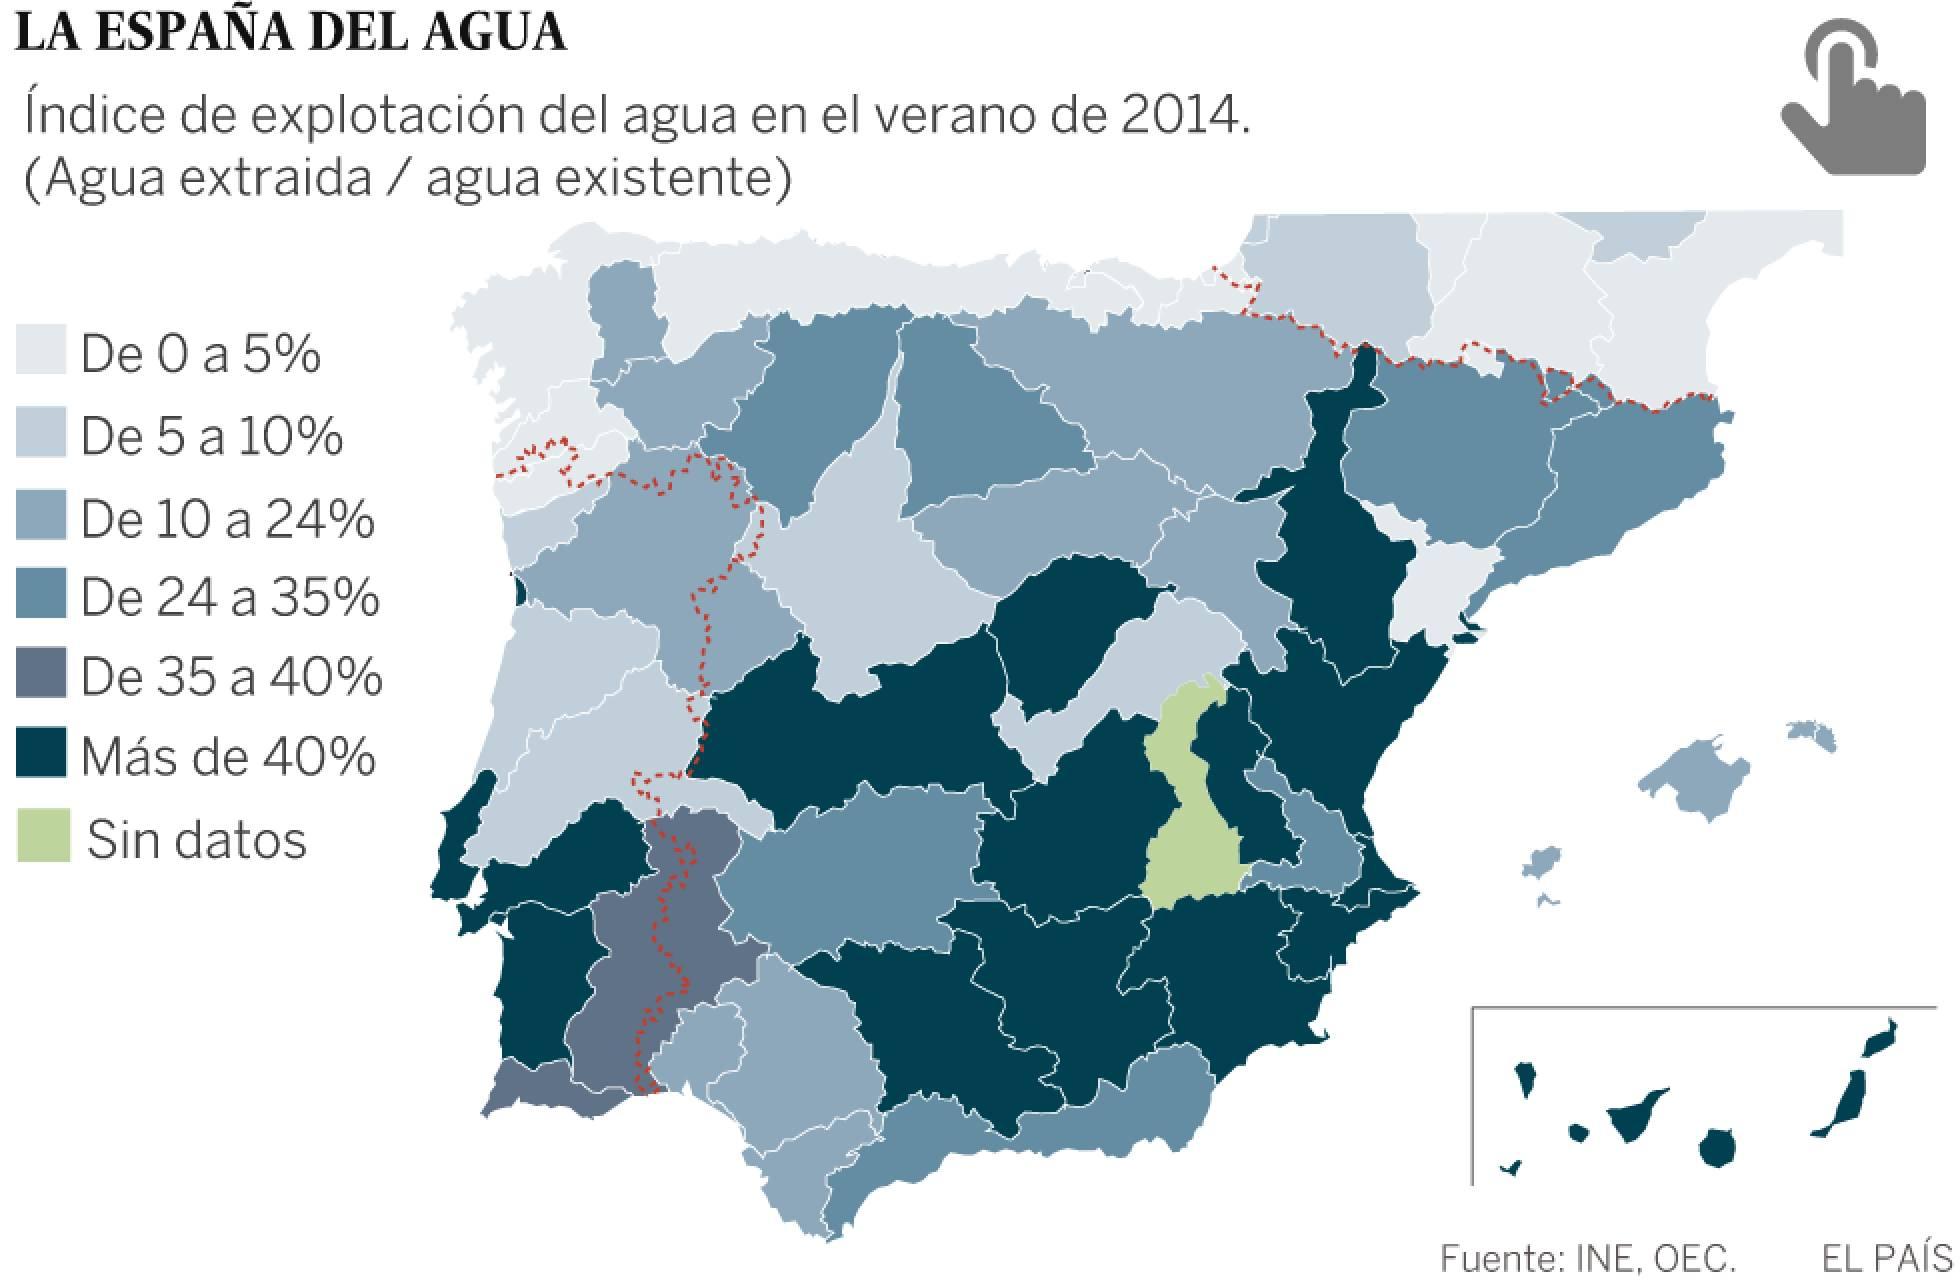 Agua y capital en España - Página 3 1490980057_591338_1490983840_sumario_normal_recorte1